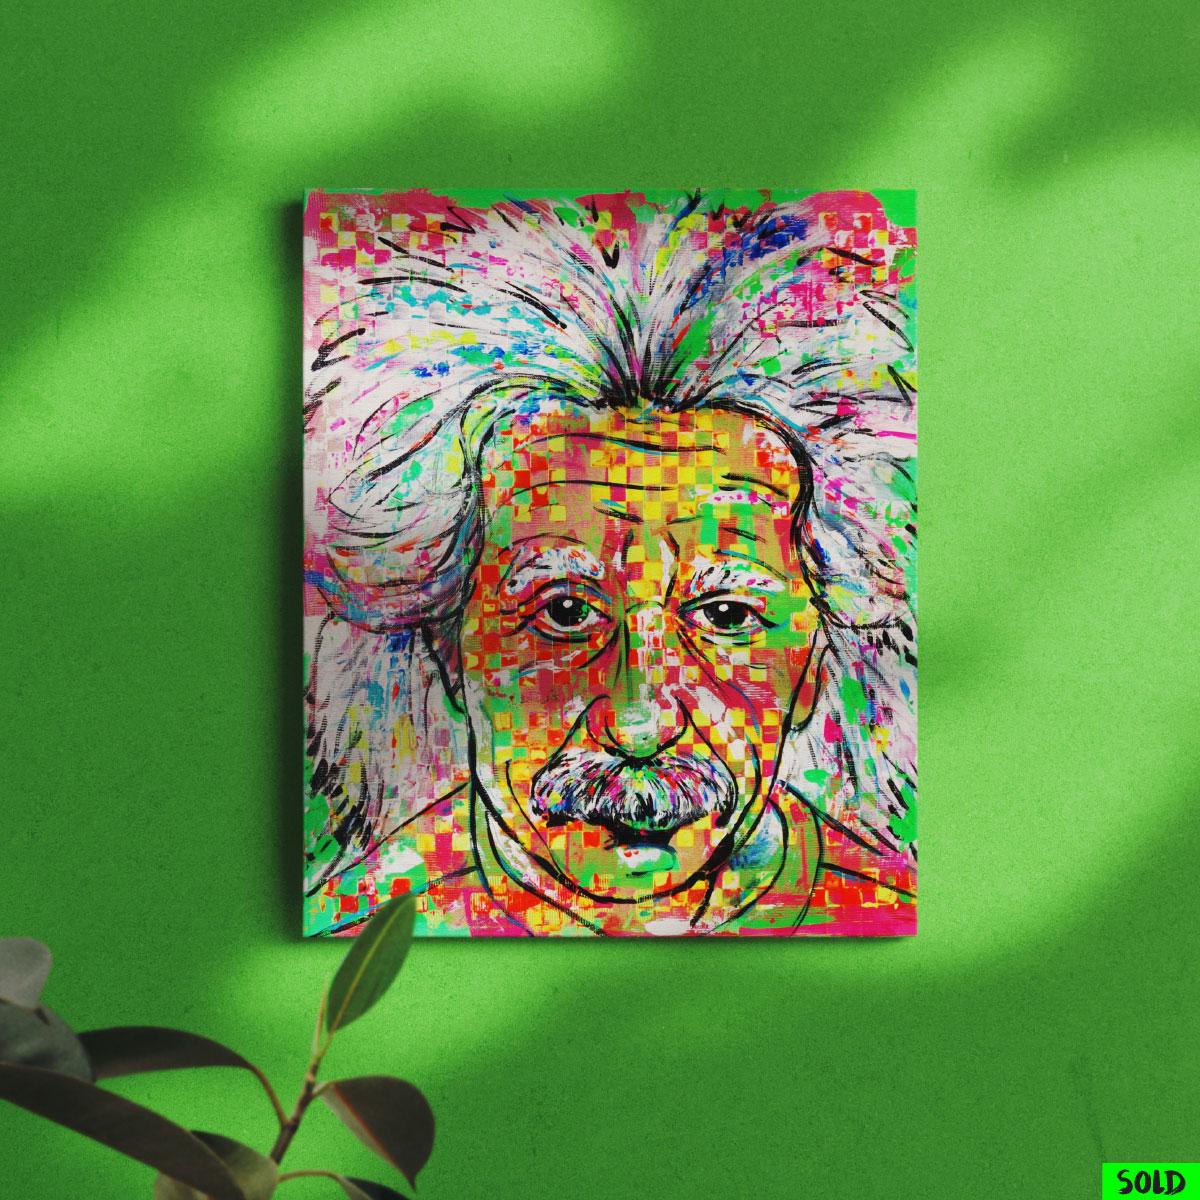 Abstraktes Porträt von Albert Einstein